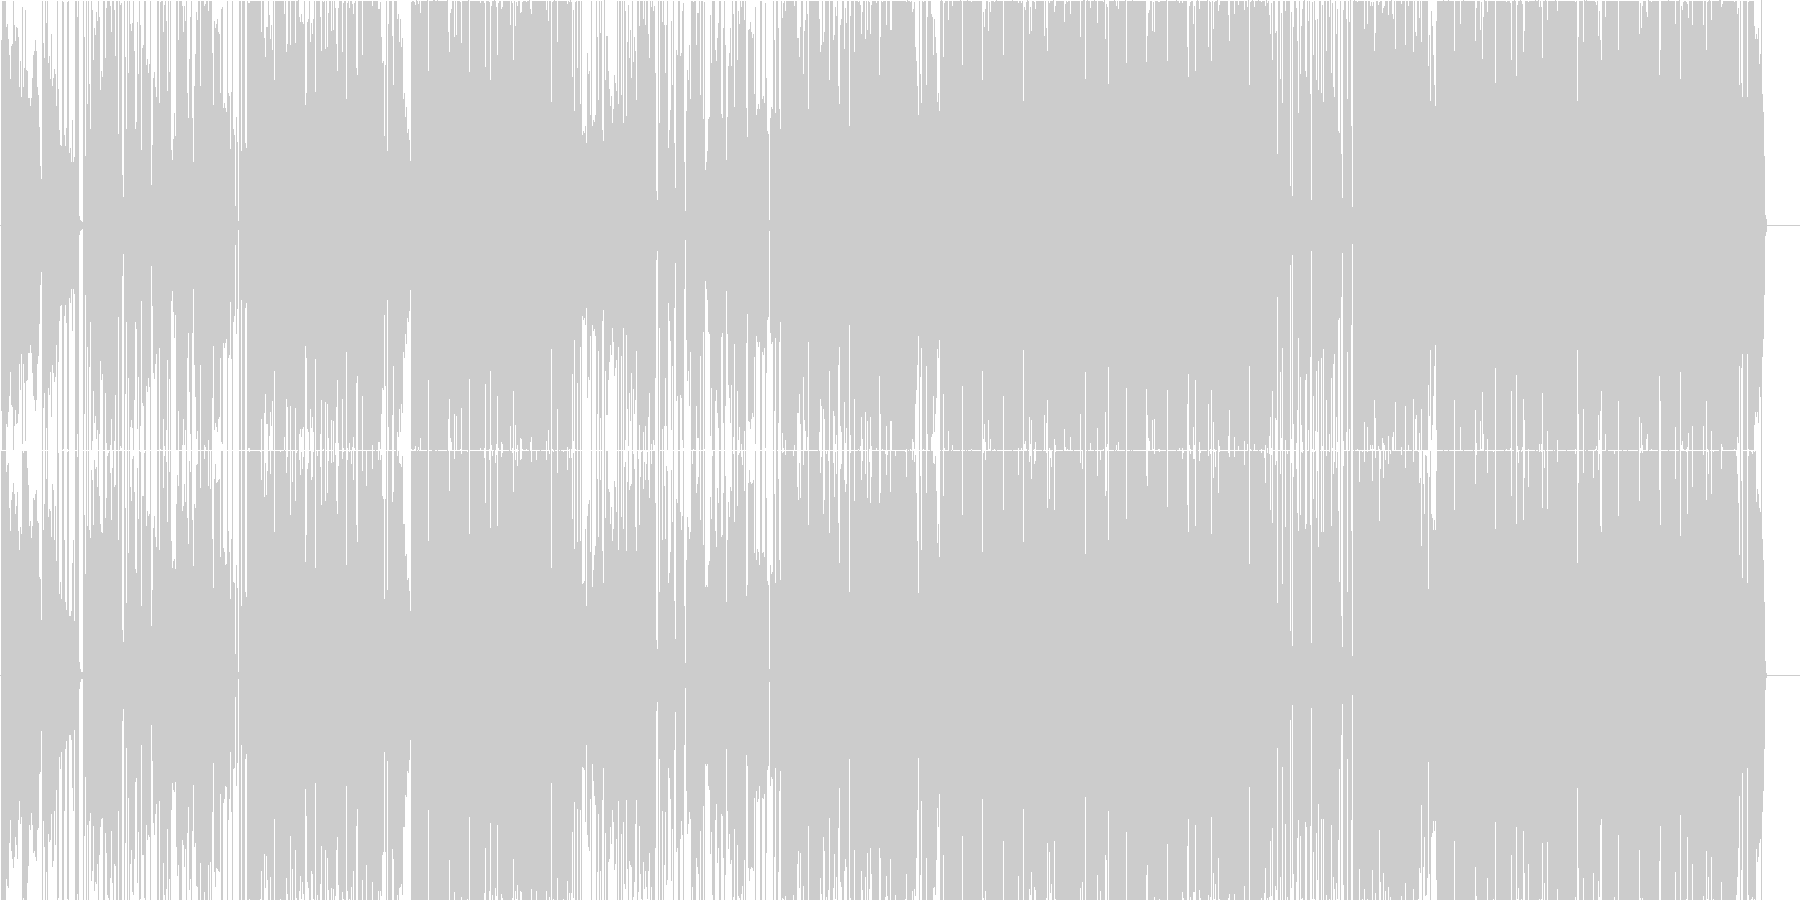 オシャレで切ない恋愛ソング(LO-FI)の未再生の波形